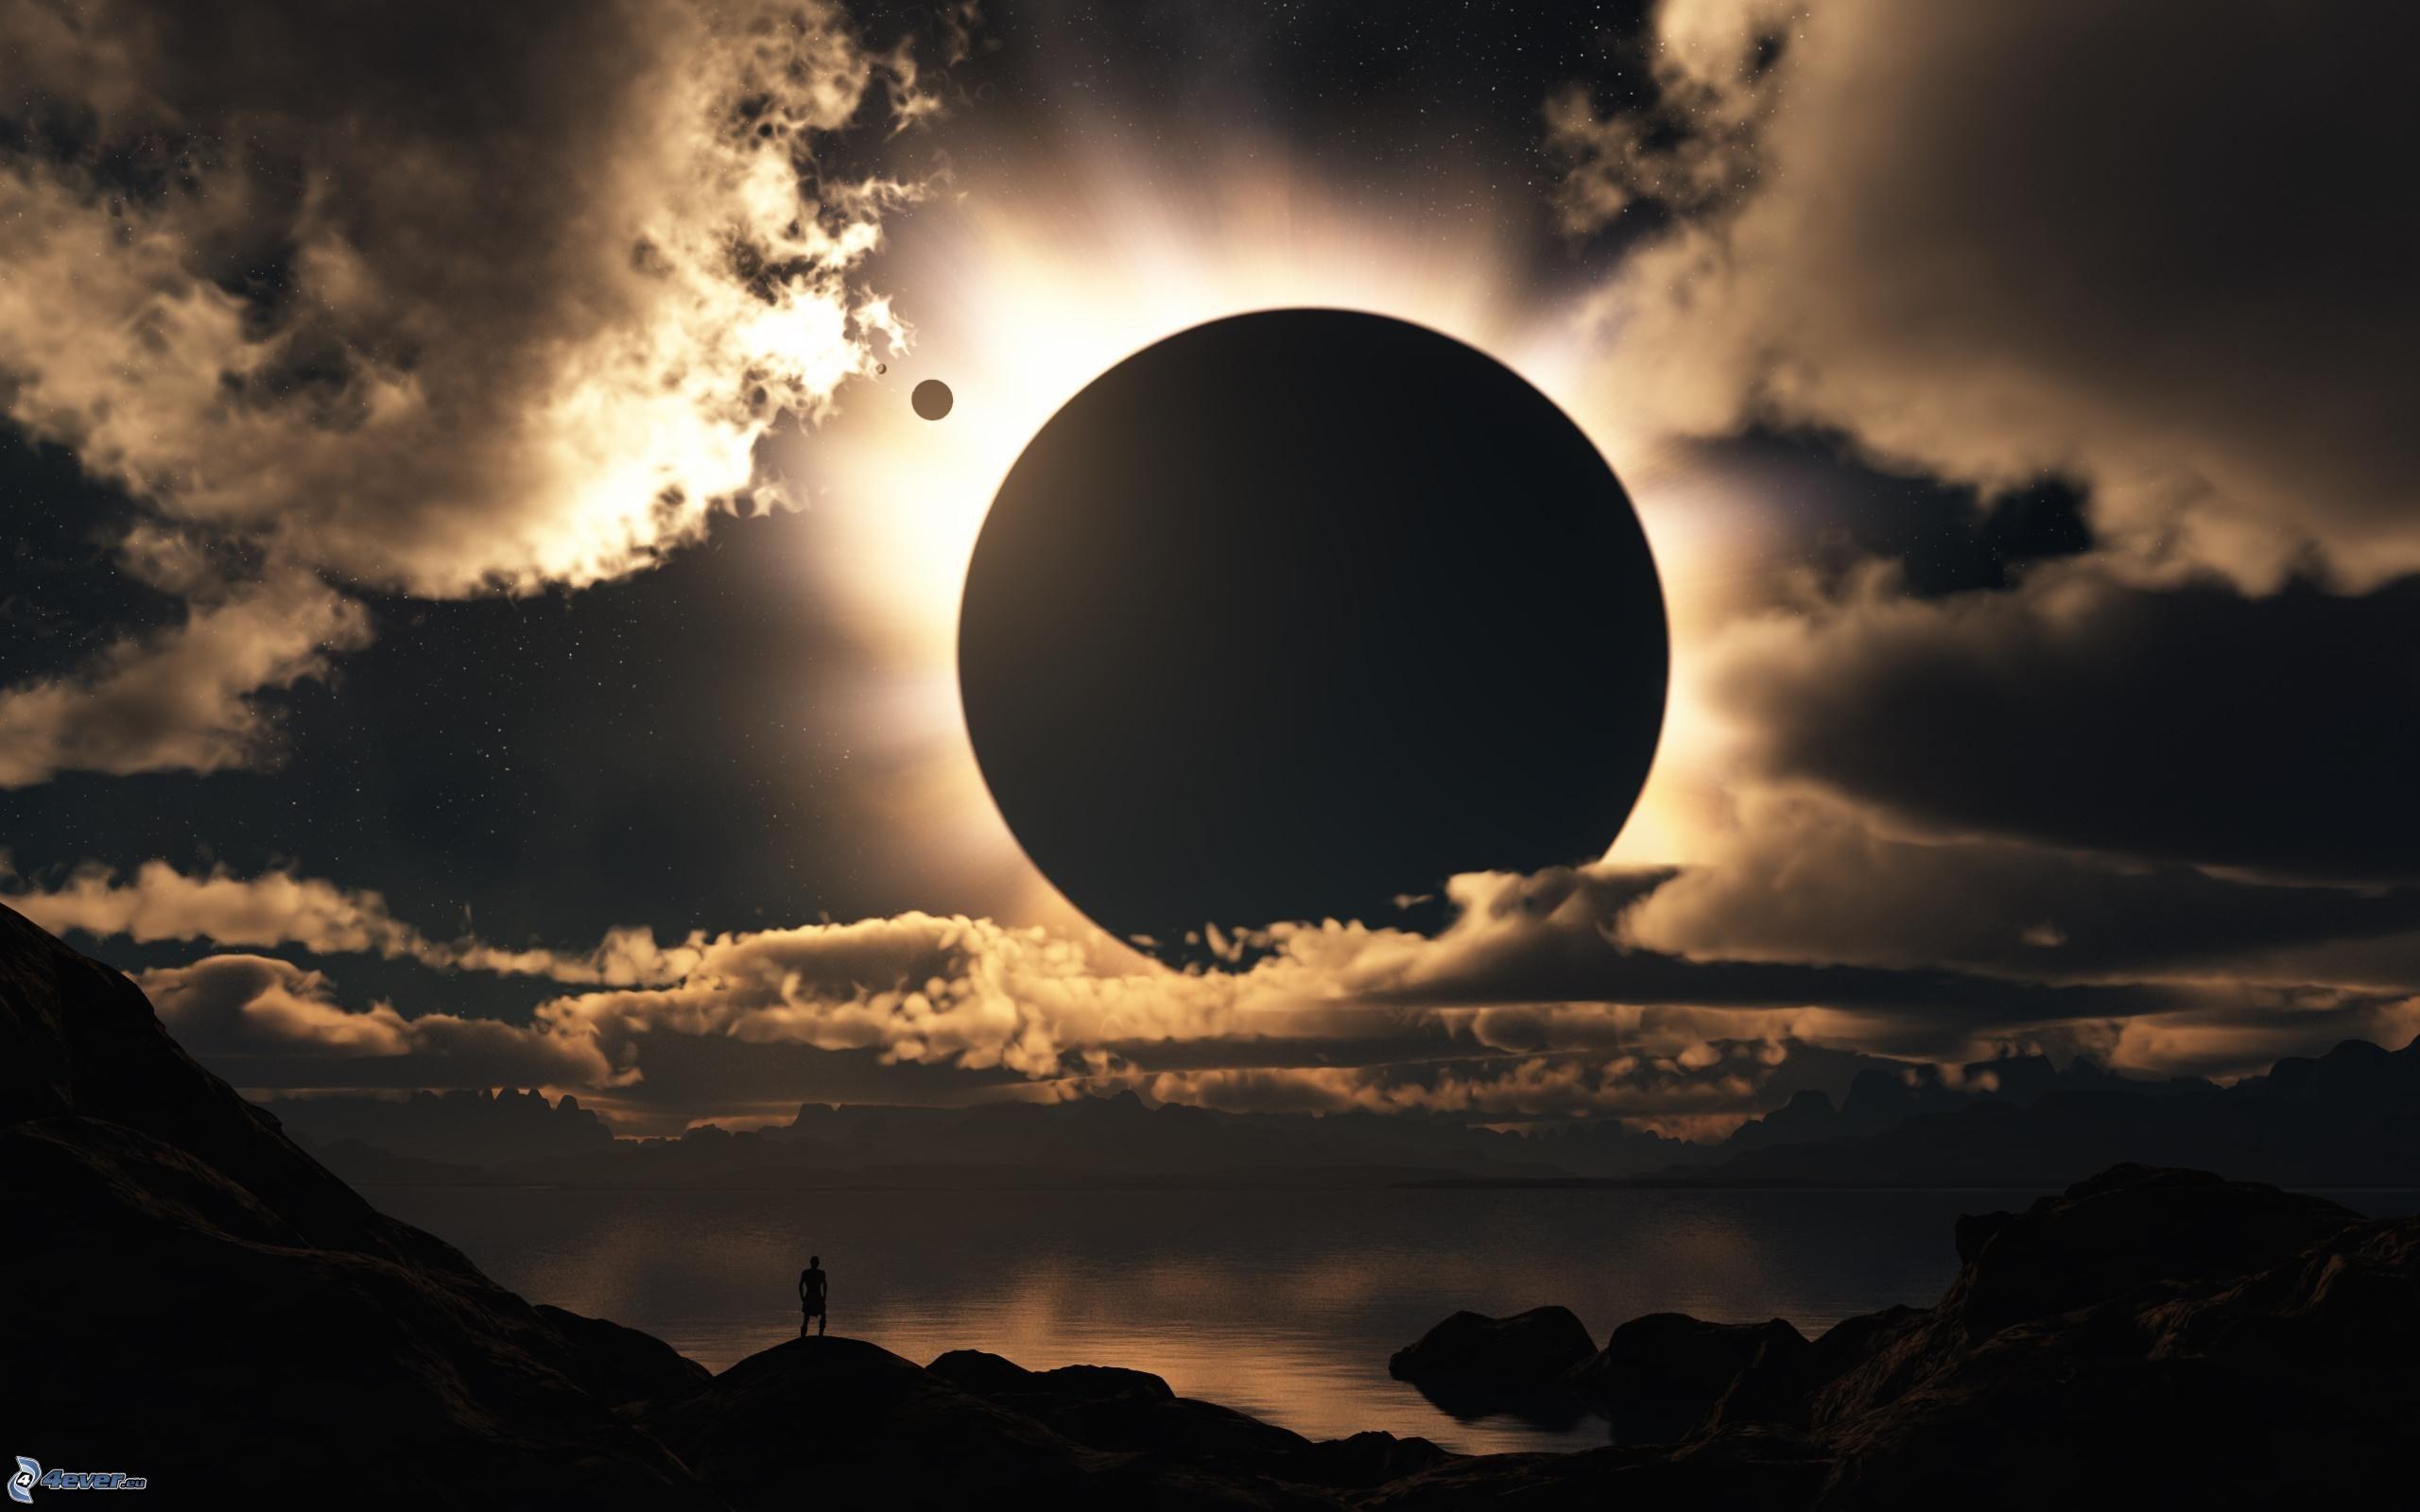 Come osservare l'Eclissi Solare 2015 di venerdì